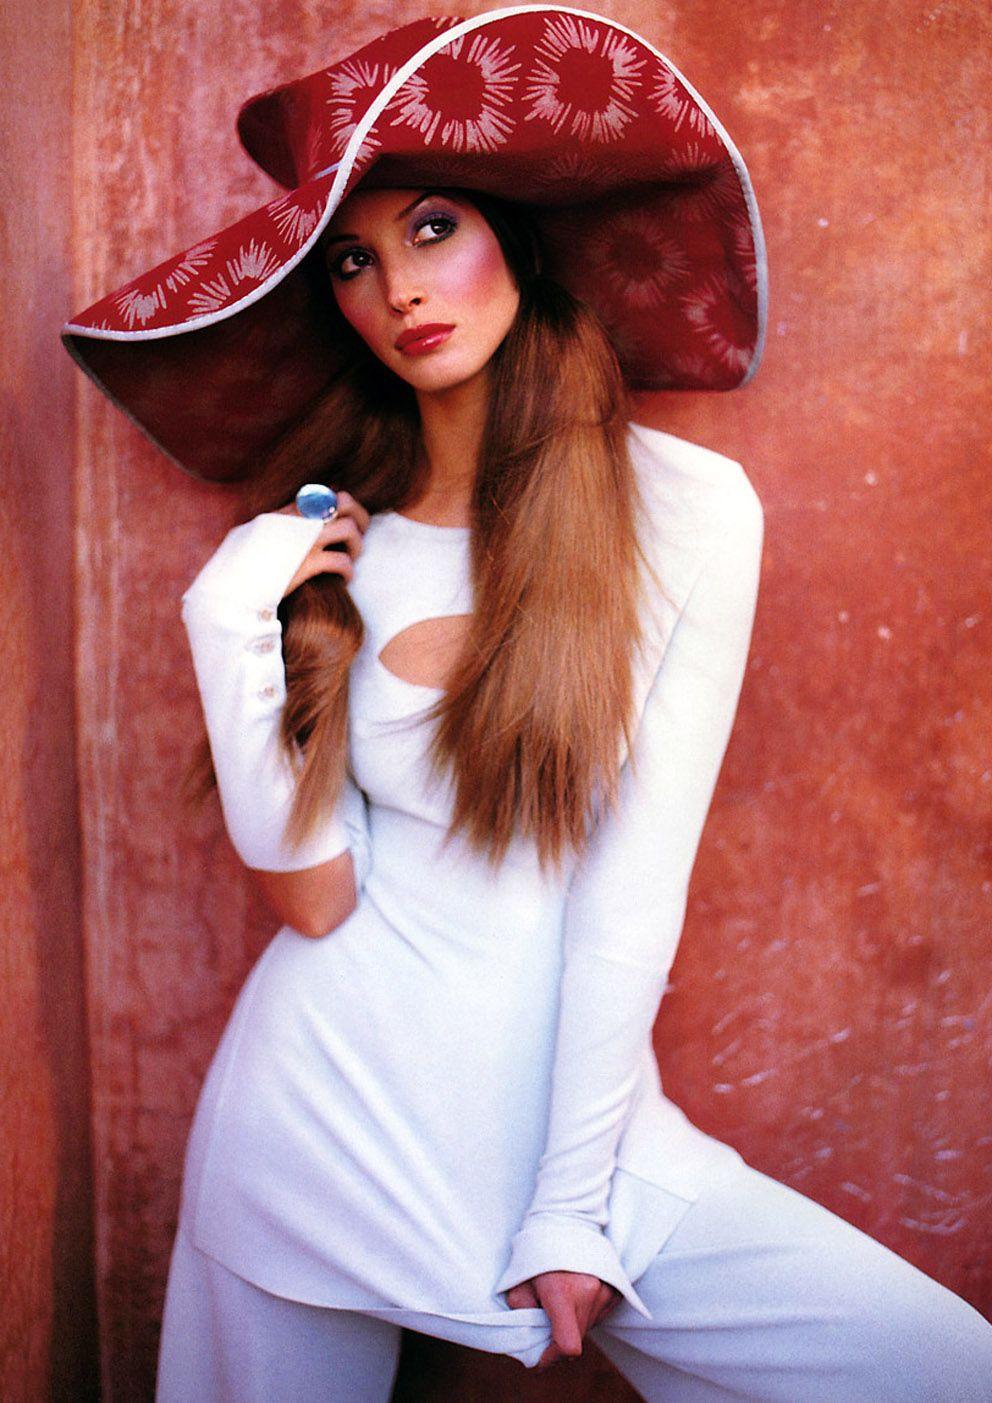 Christy Turlington By Mario Testino British Vogue February 1993 Christy Turlington Mario Testino Supermodels